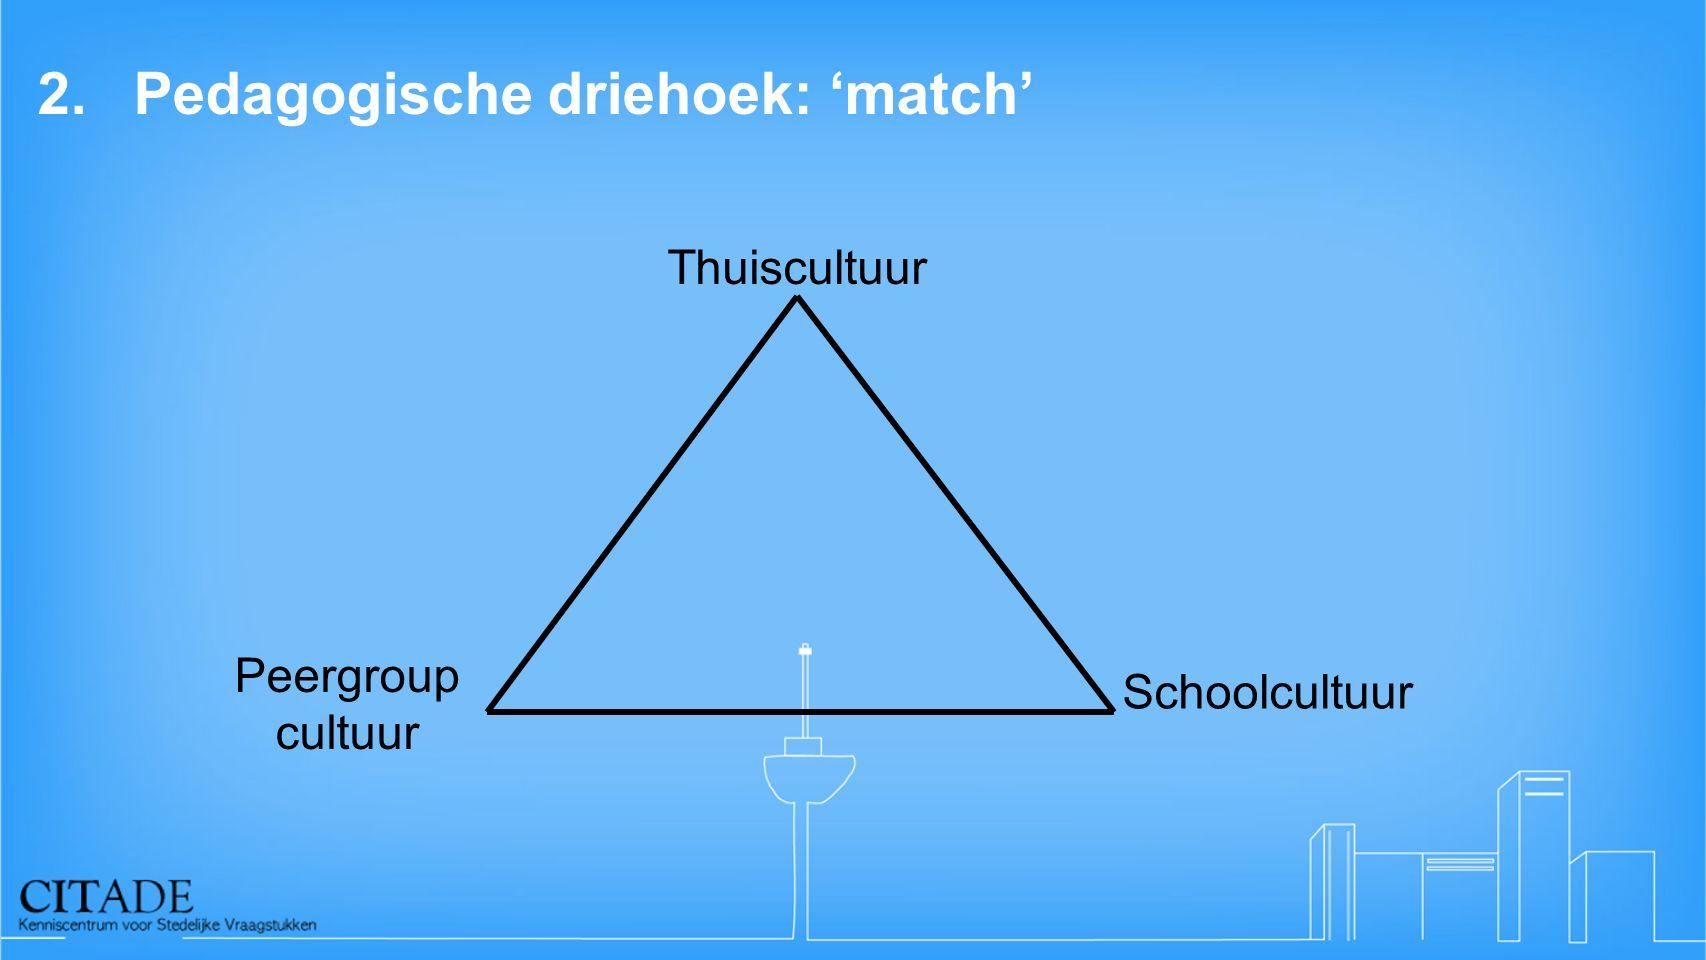 2.Pedagogische driehoek: 'match' Thuiscultuur Schoolcultuur Peergroup cultuur